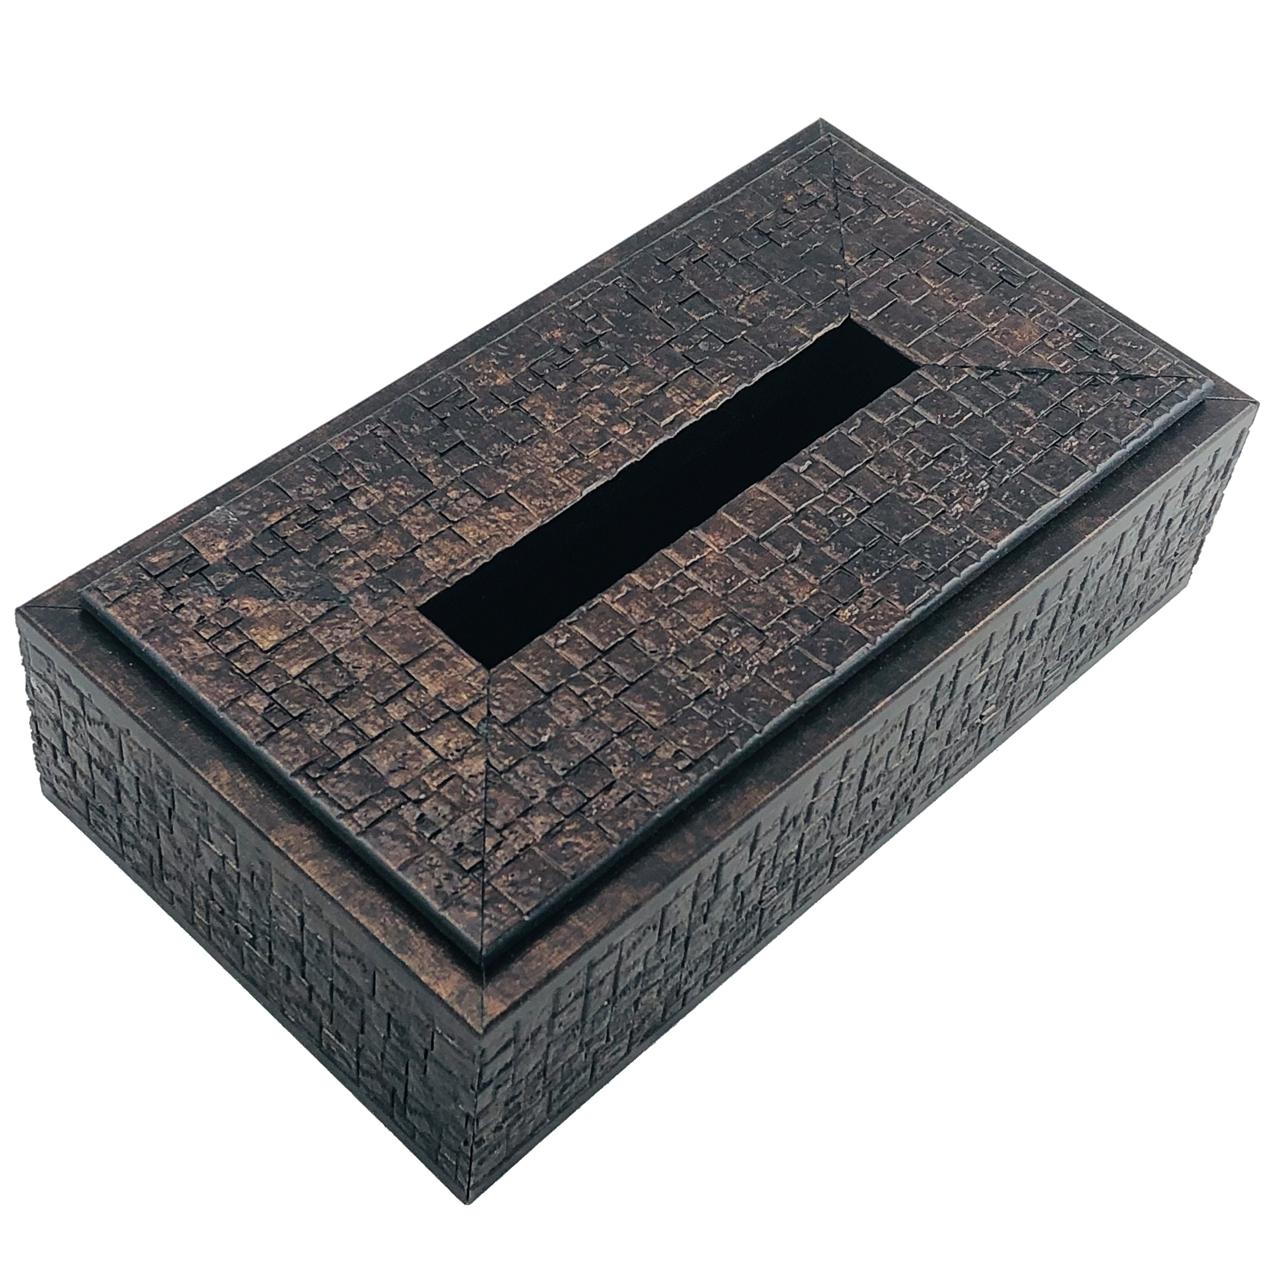 جعبه دستمال کاغذی کد 3373